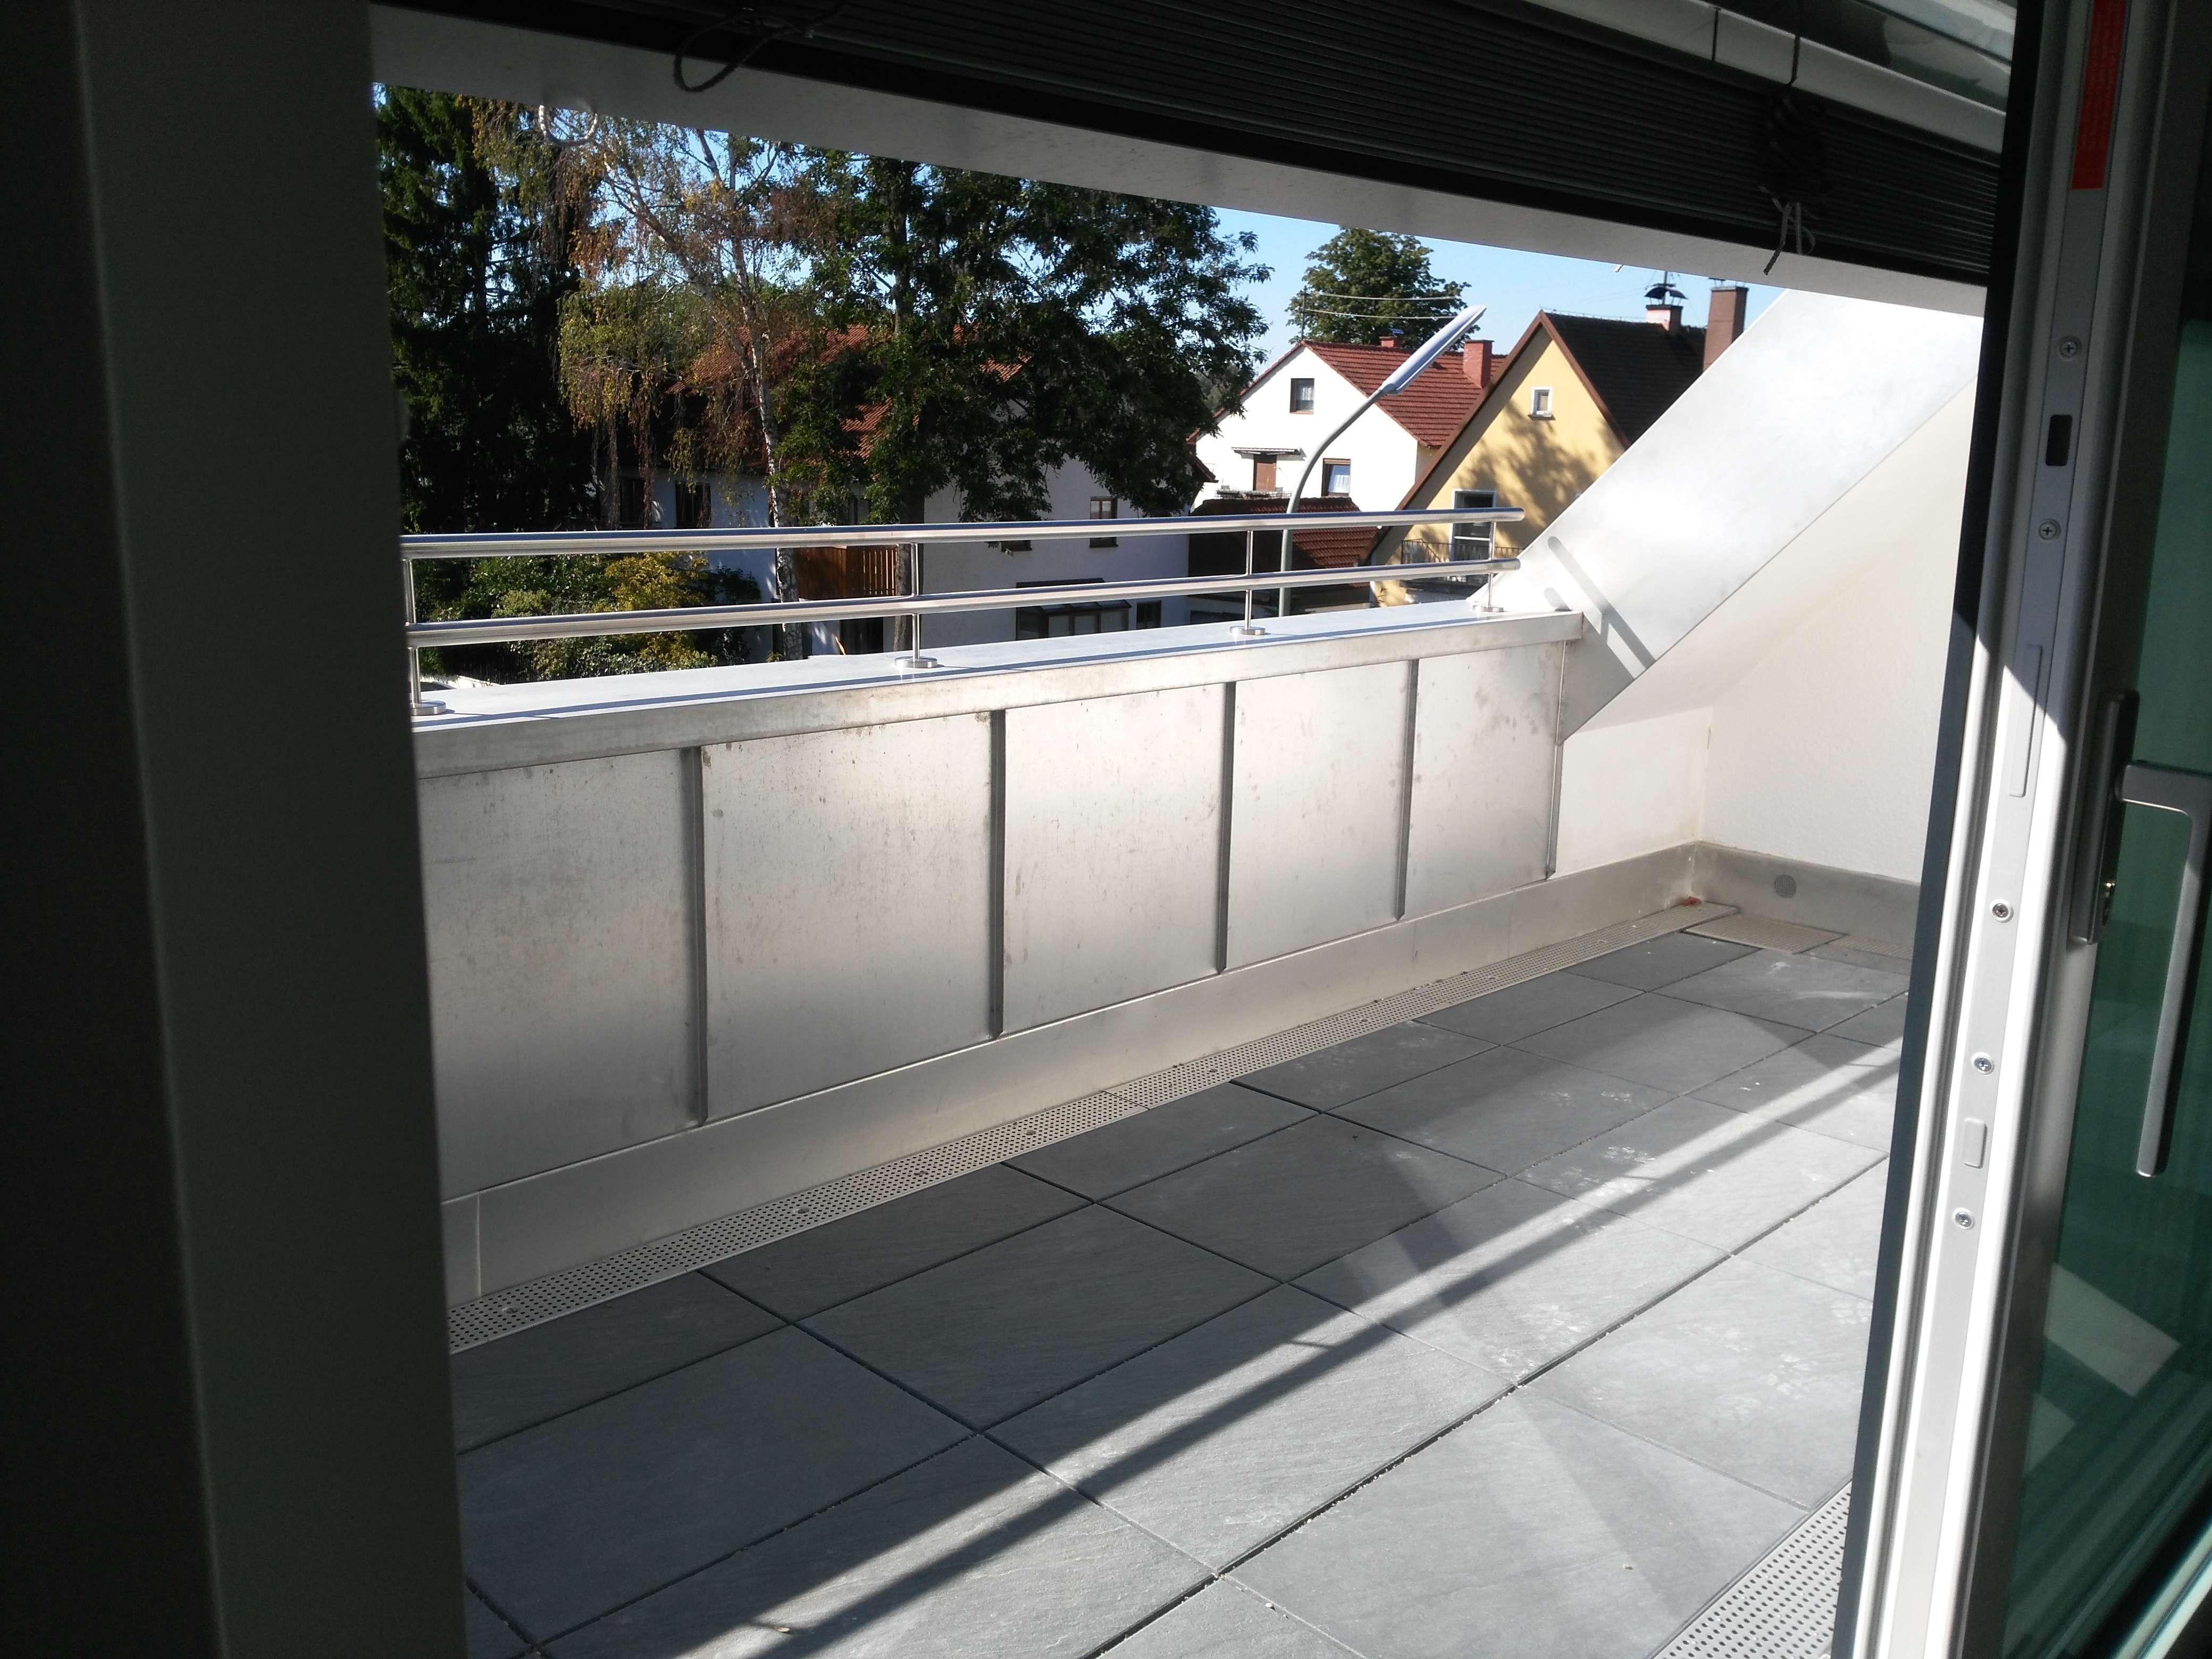 Karlsfeld Erstbeuzg: exklusive 2-Zimmer-Dachterassen-Maisonette mit EBK in Karlsfeld (Dachau)